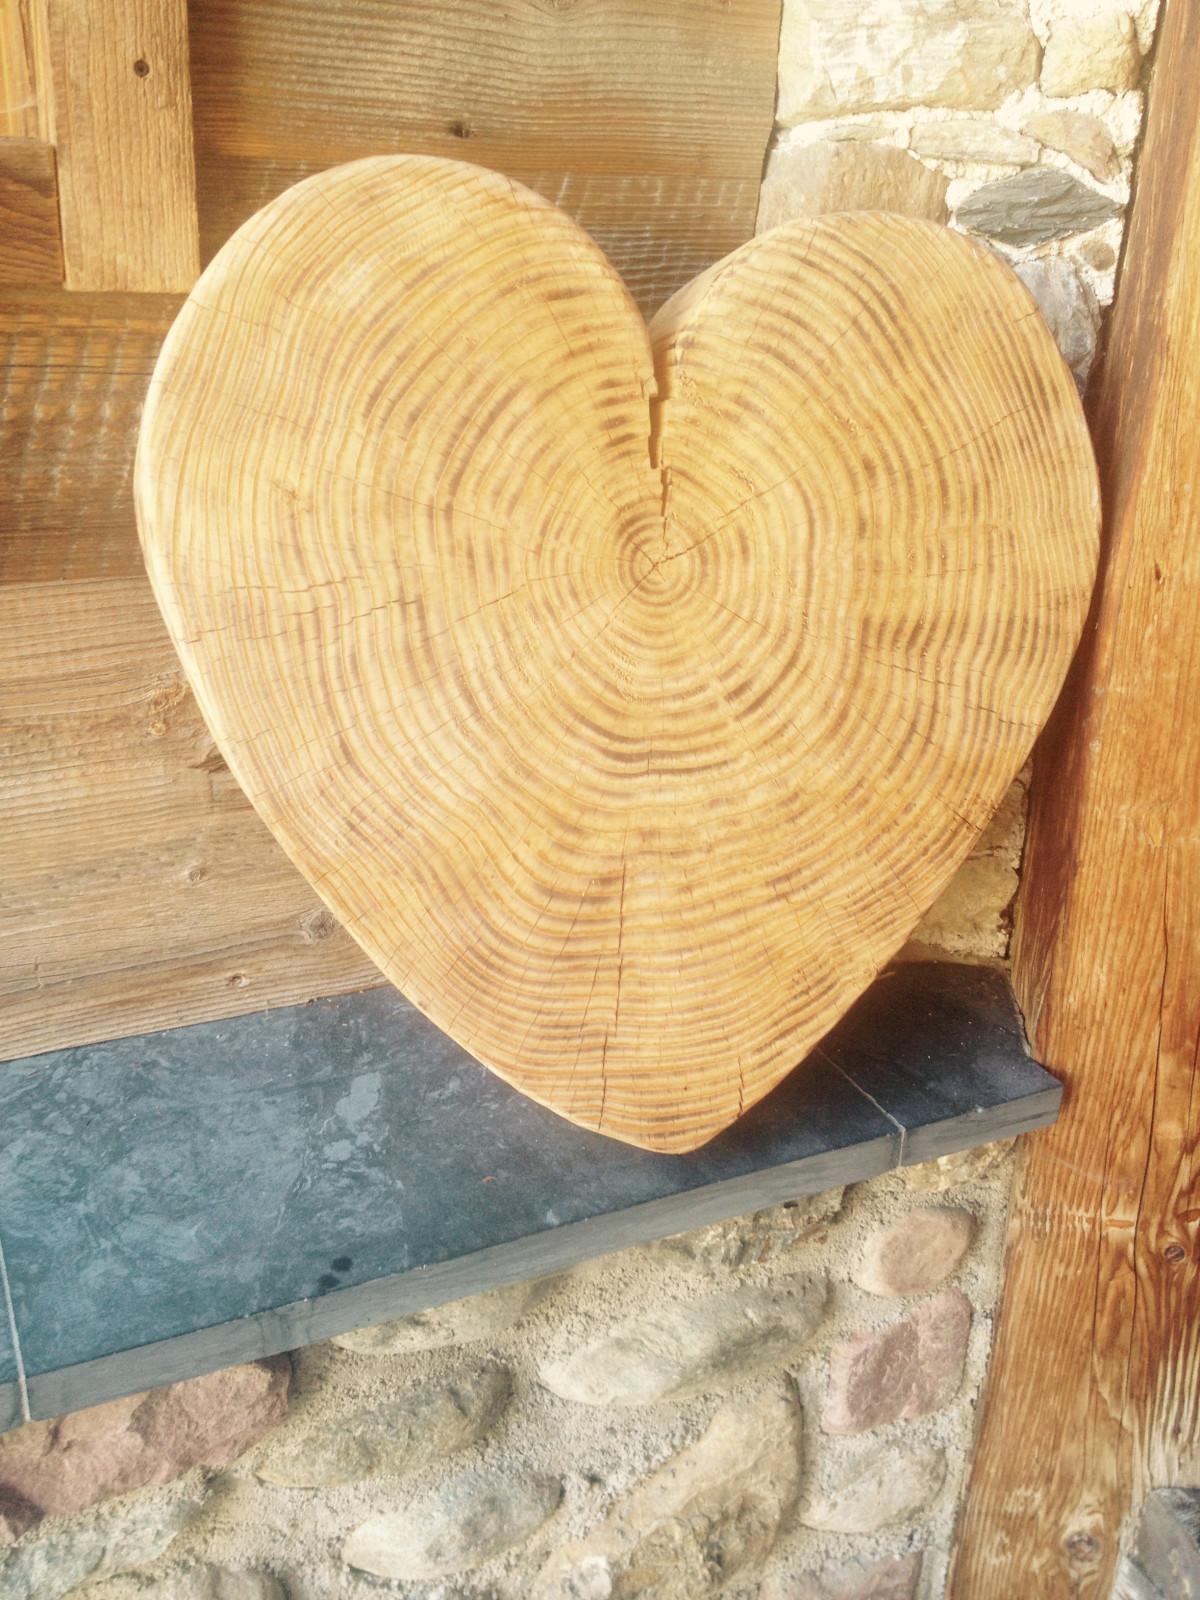 Images gratuites arbre la nature tronc amour c ur meubles bois d 39 oeuvre d co structure - Images coeur gratuites ...